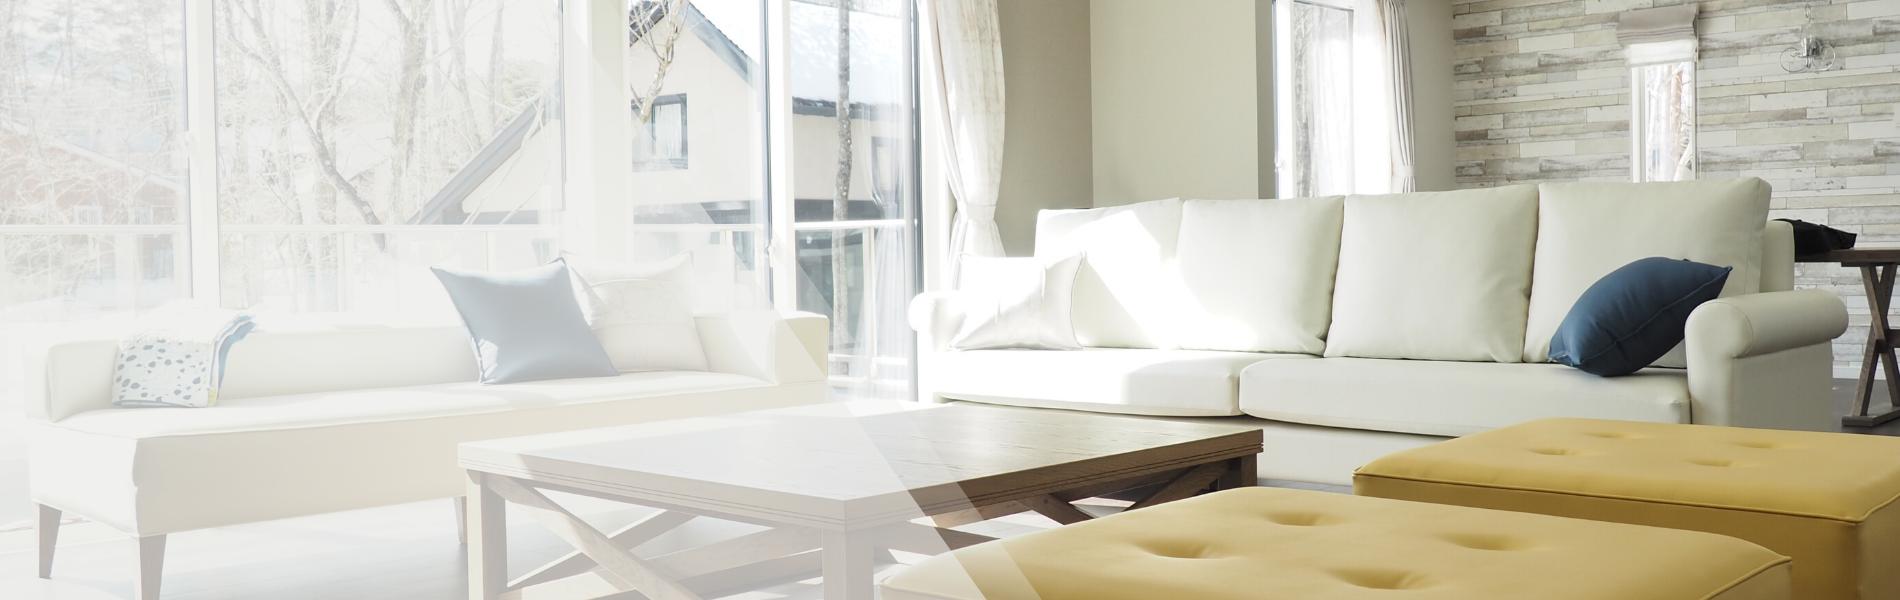 リビング ソファ オーダー家具